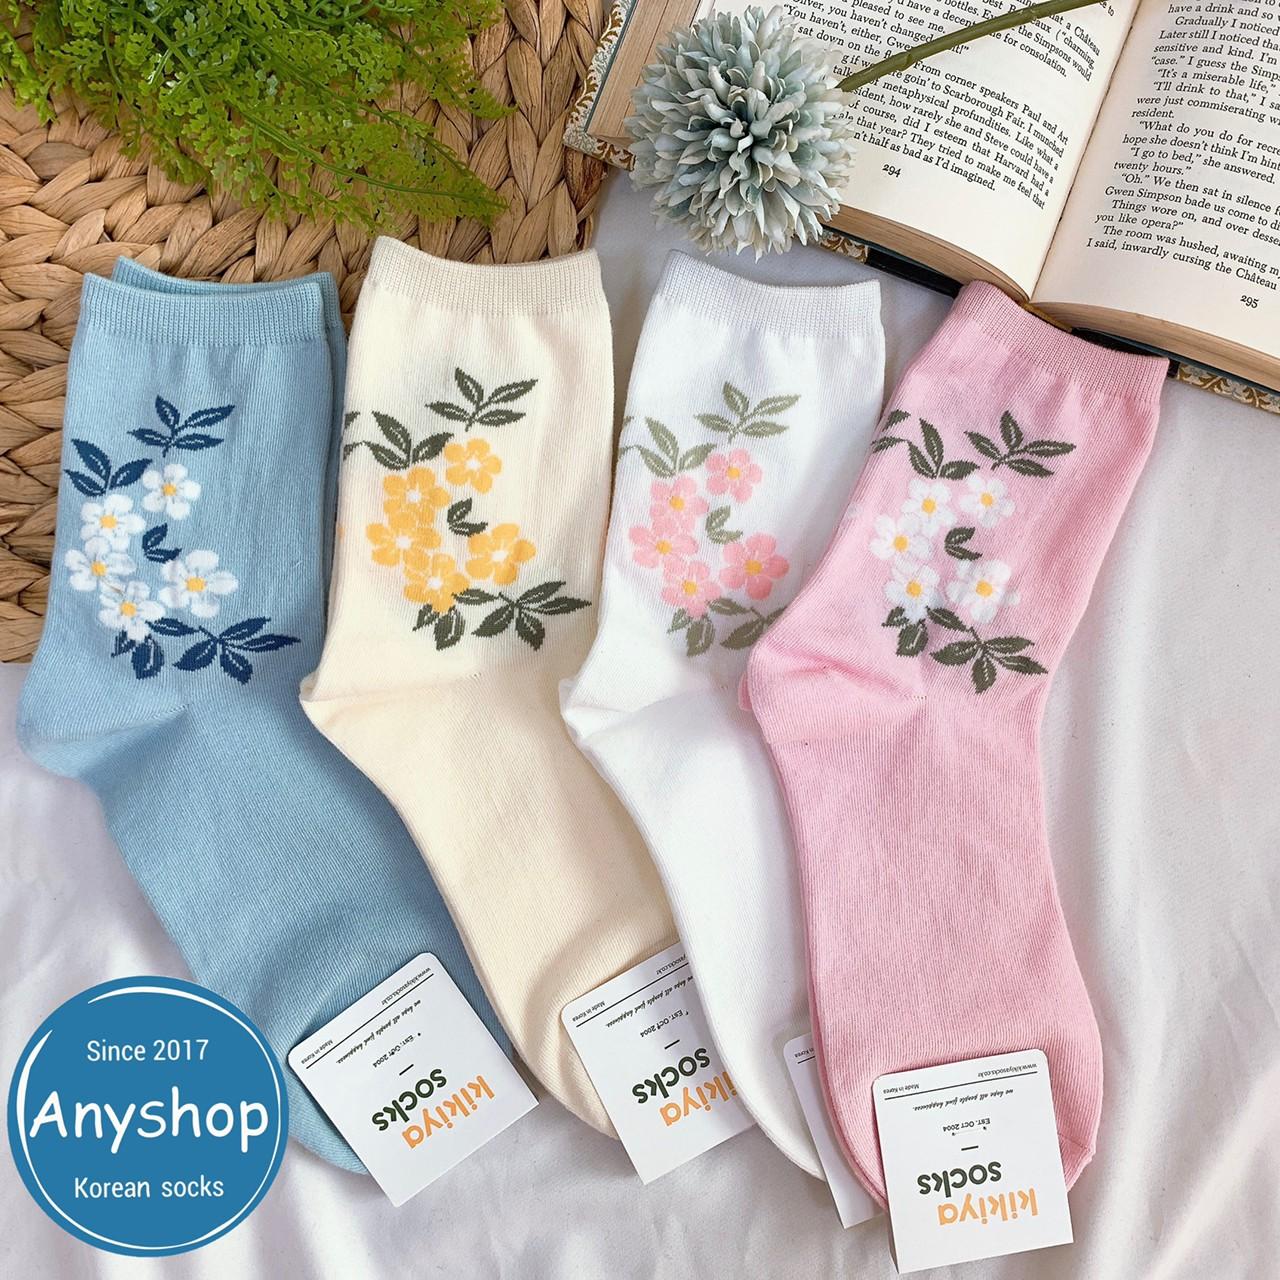 韓國襪-[Anyshop]溫柔色系花朵長襪